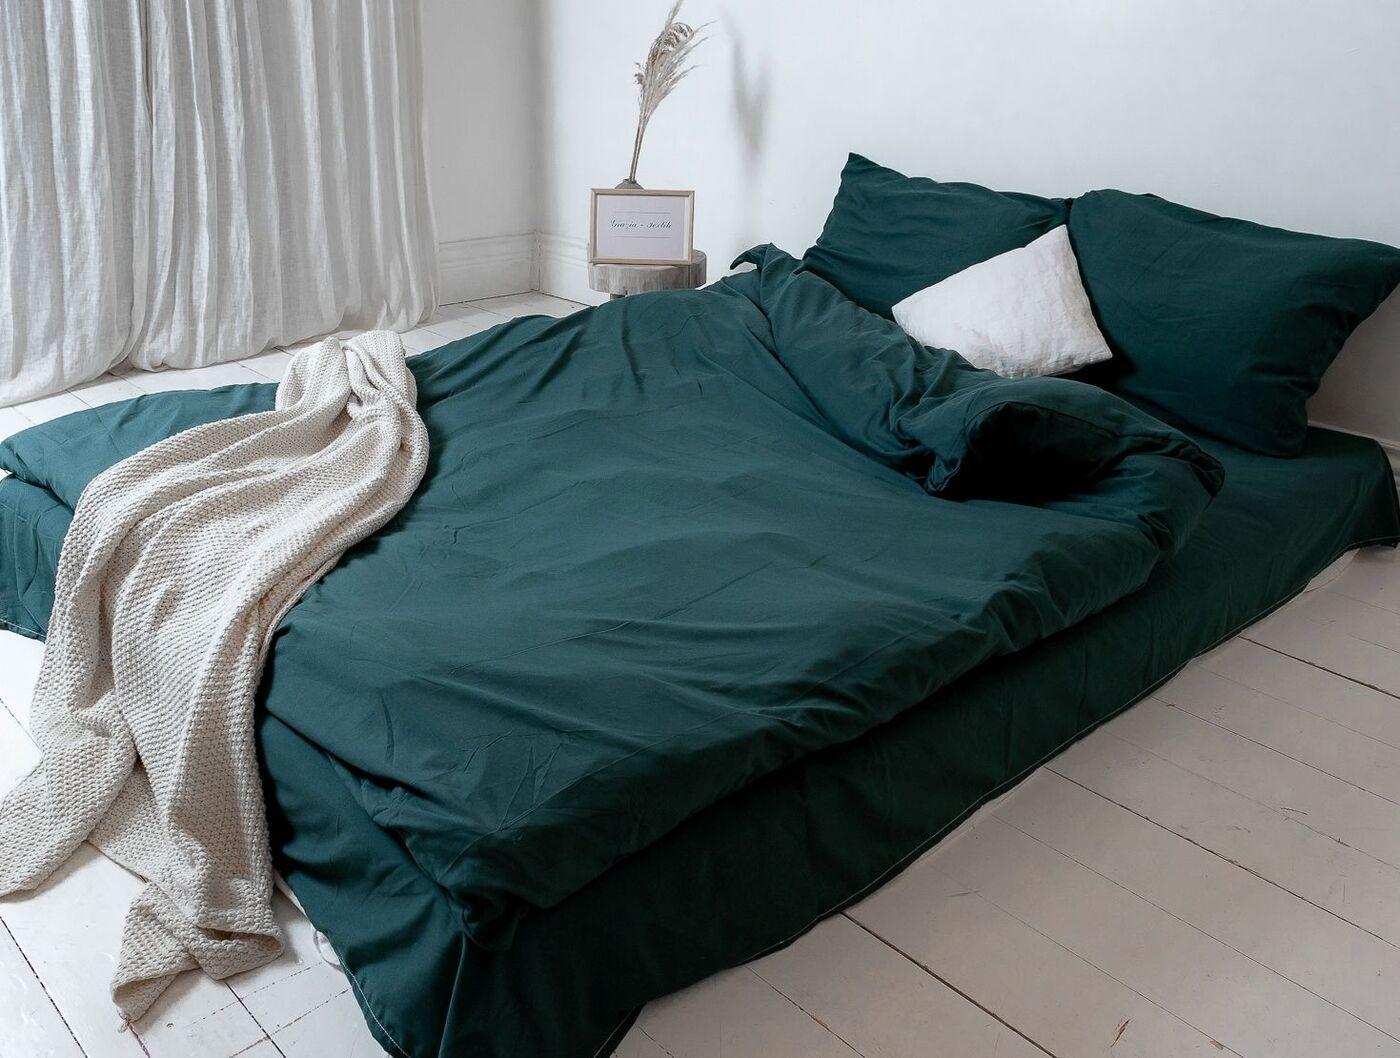 Комплект постельного белья Grazia Textile Сатин однотонный N001-N008 Евро, Сатин, наволочки 70x70